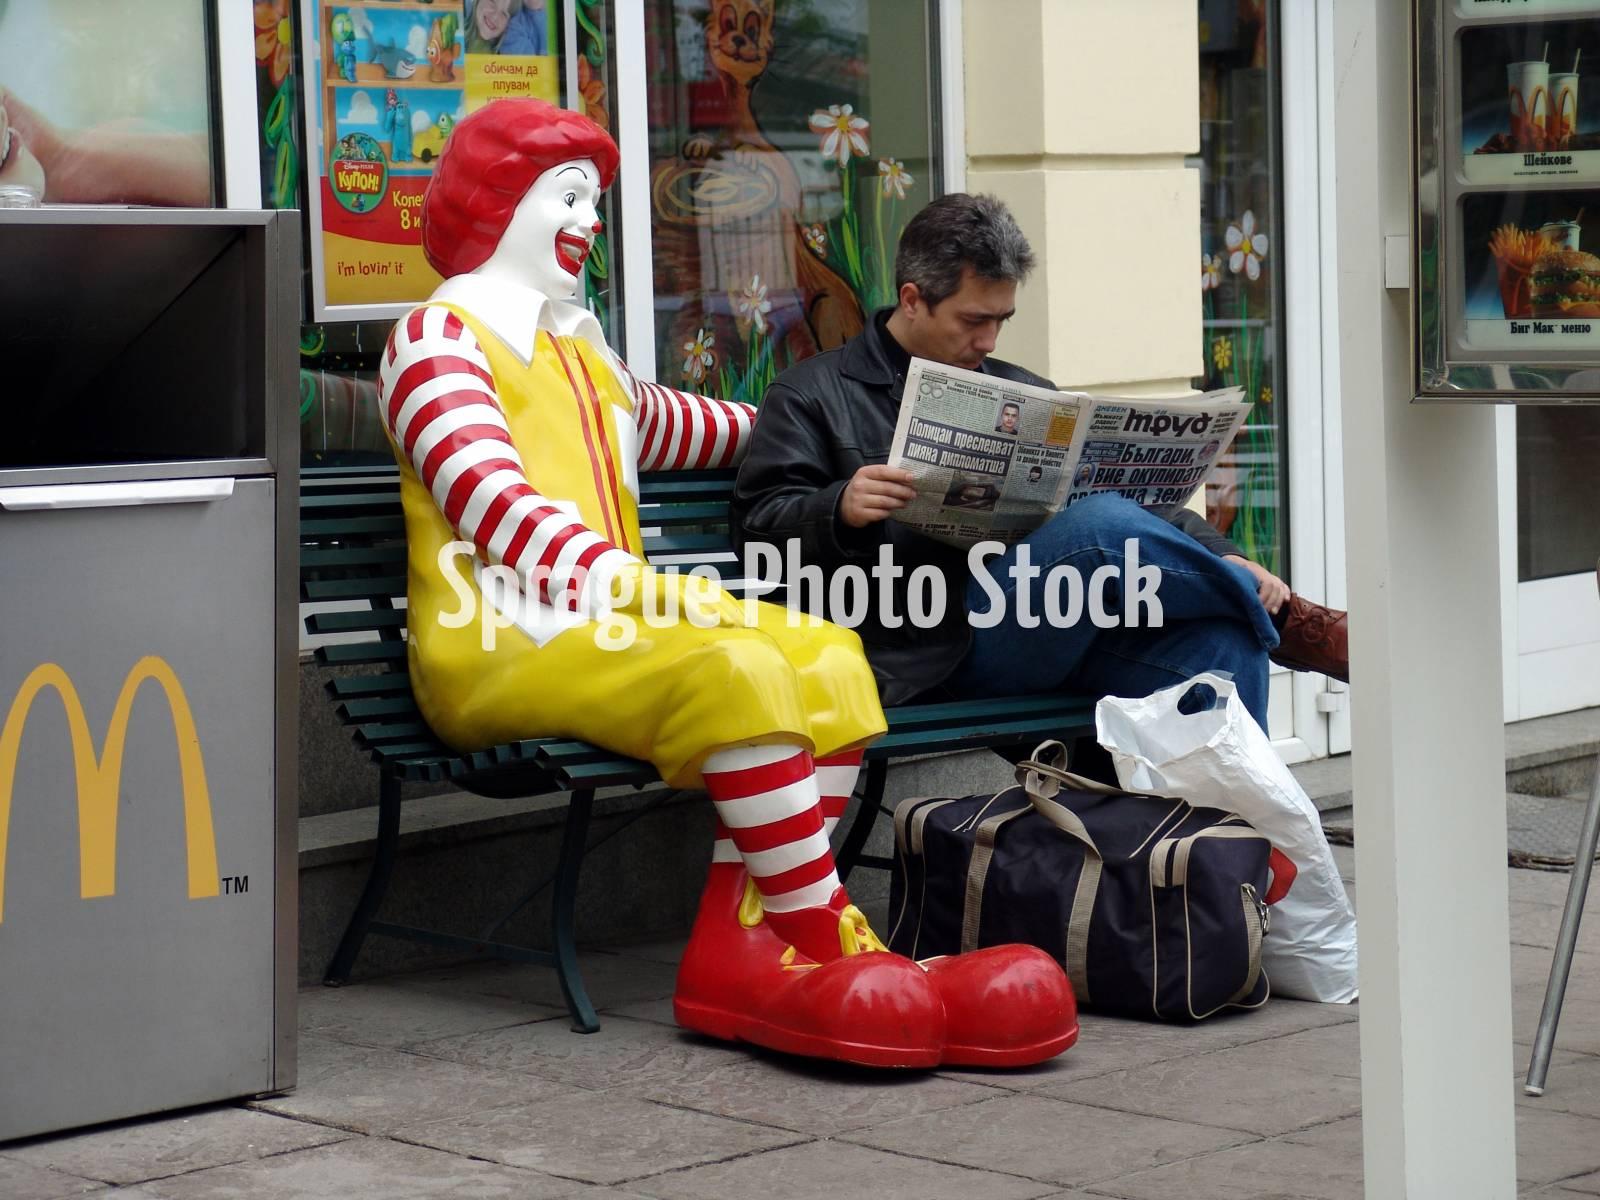 Ronald McDonald at MacDonalds restaurant, Sofia, Bulgaria.